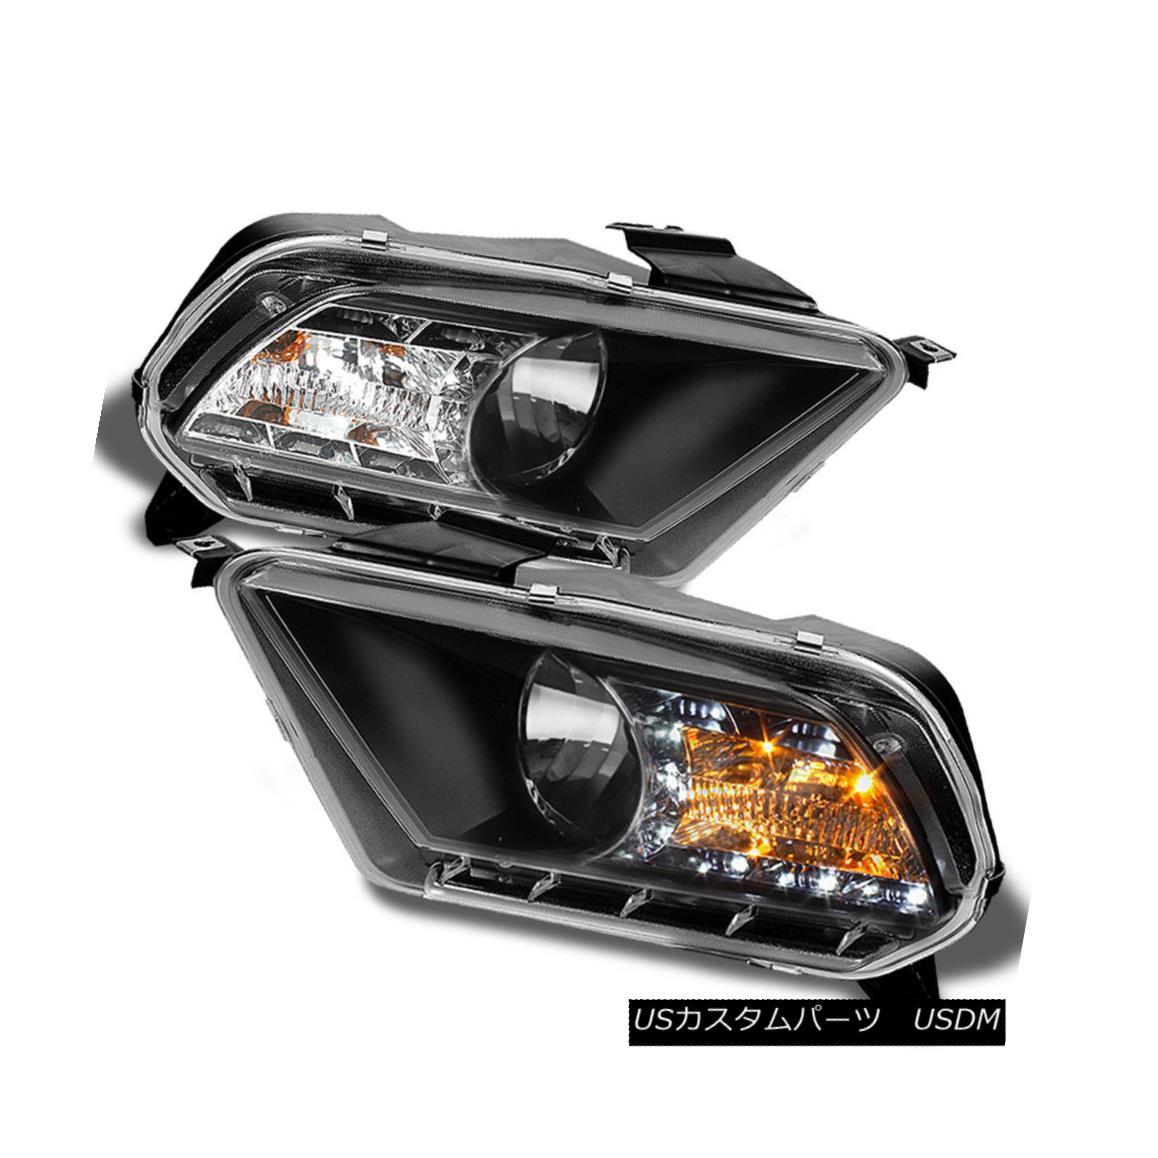 ヘッドライト Black 2010 2011 2012 2013 Mustang LED DRL Running Crysta Headlights Headlamps Black 2010 2011 2012 2013 Mustang LED DRLクリスタヘッドライトヘッドランプ